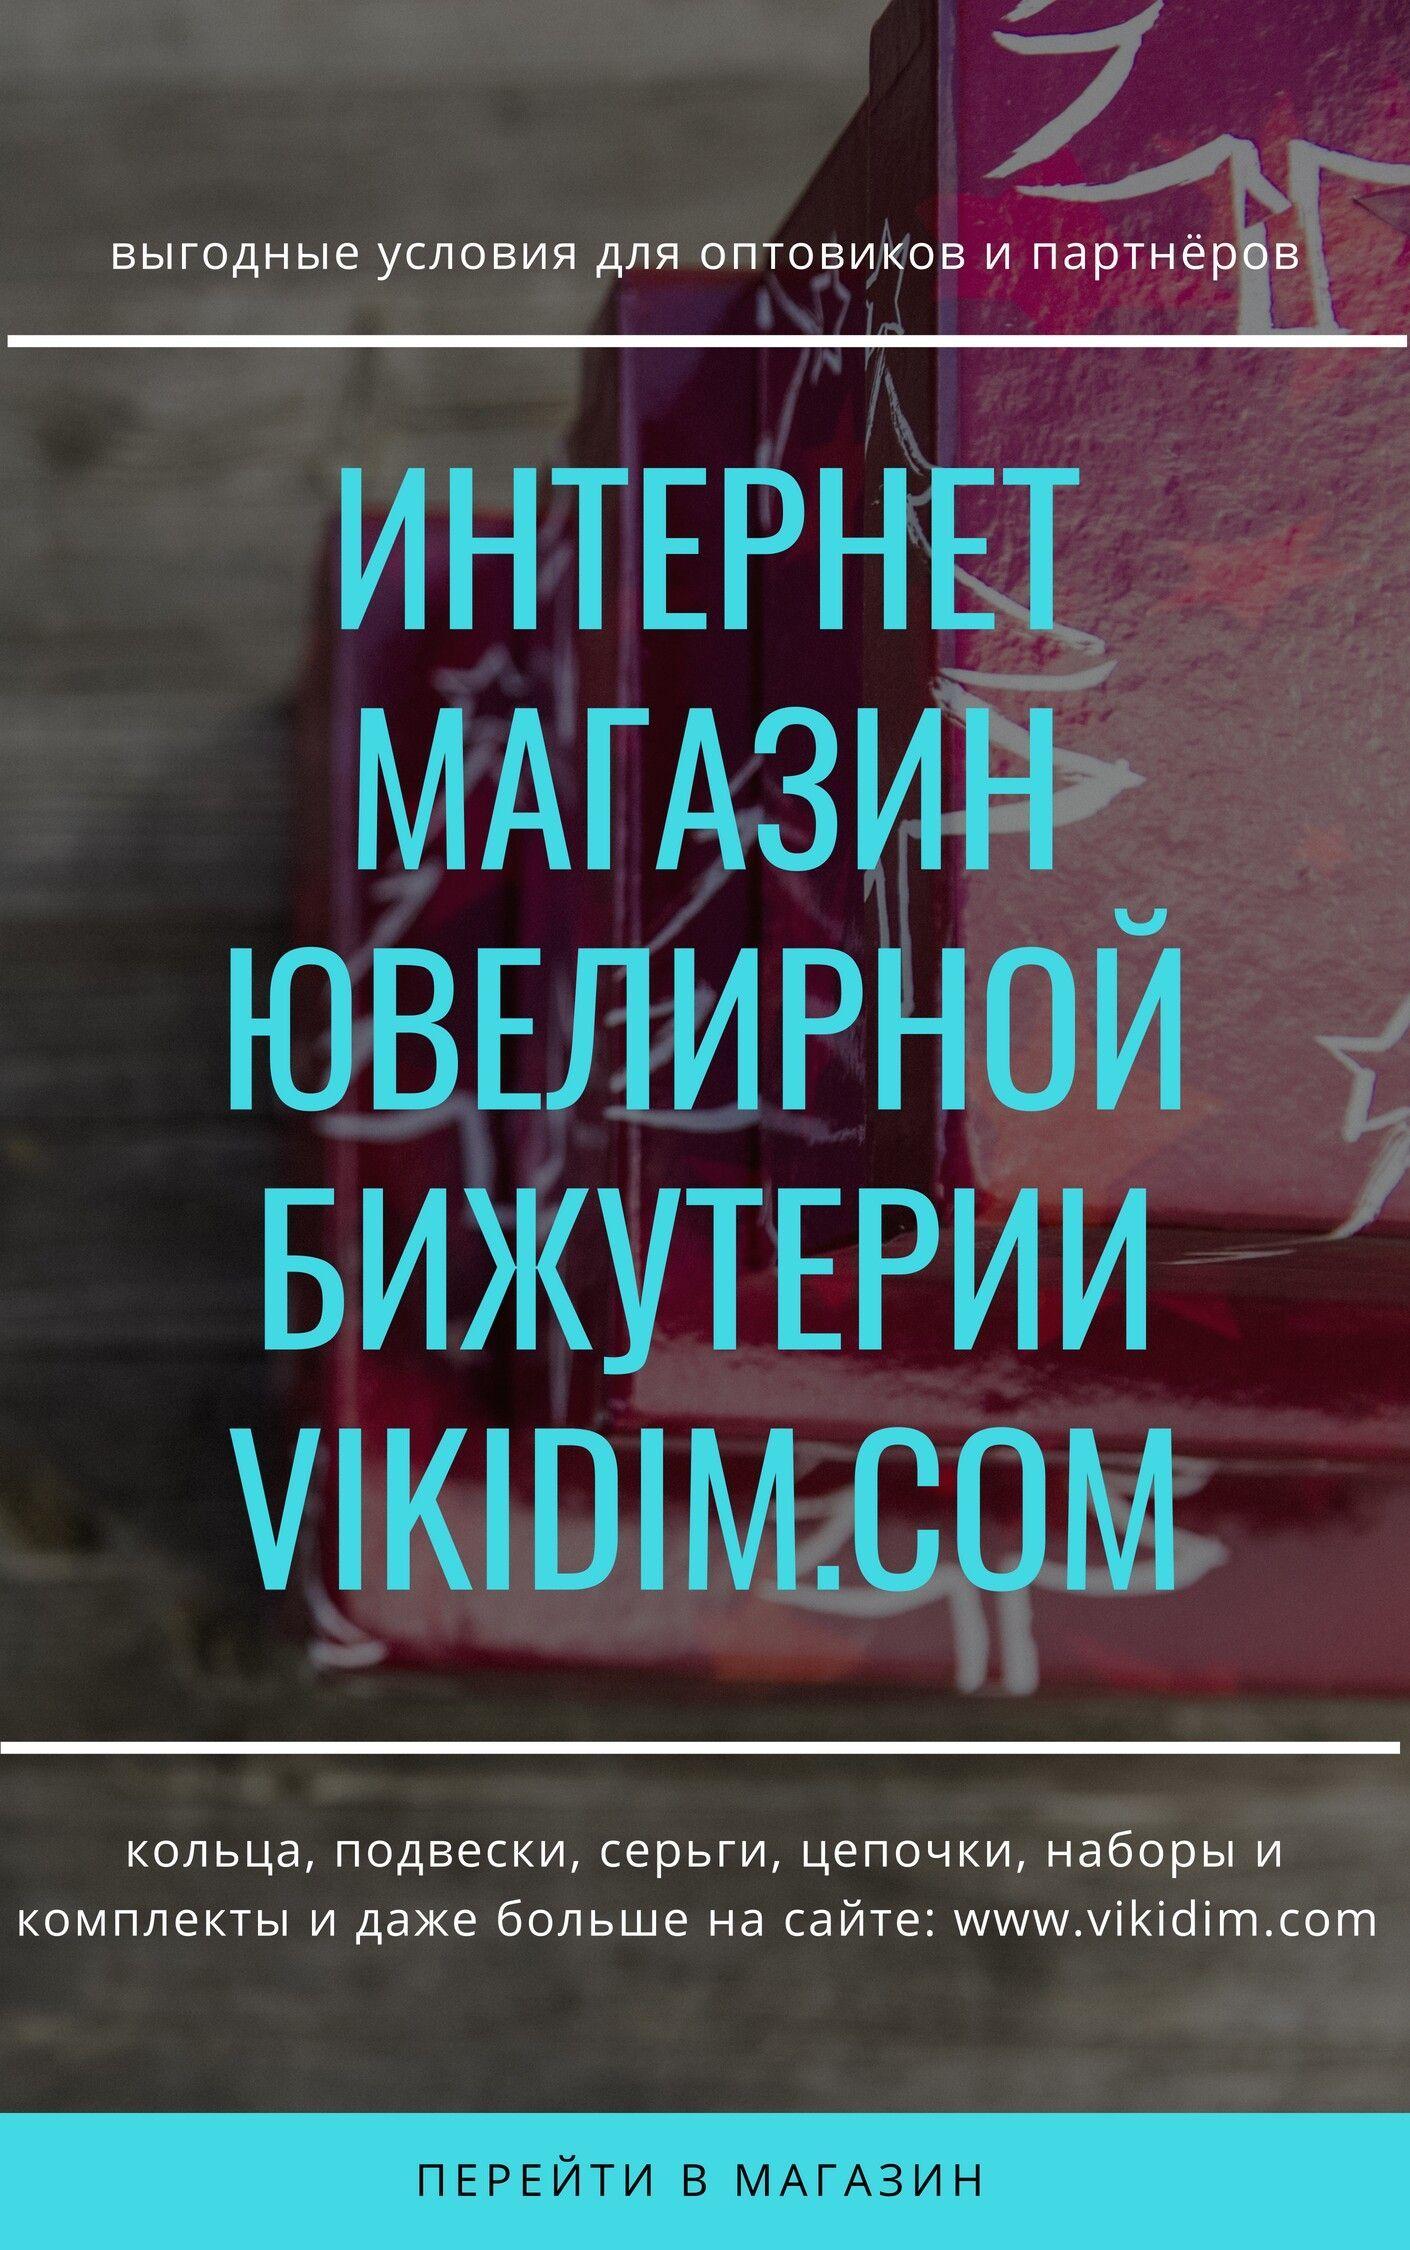 9762042f31cf Ювелирная бижутерия на Vikidim.com  кольца, подвески, серьги, цепочки,  наборы